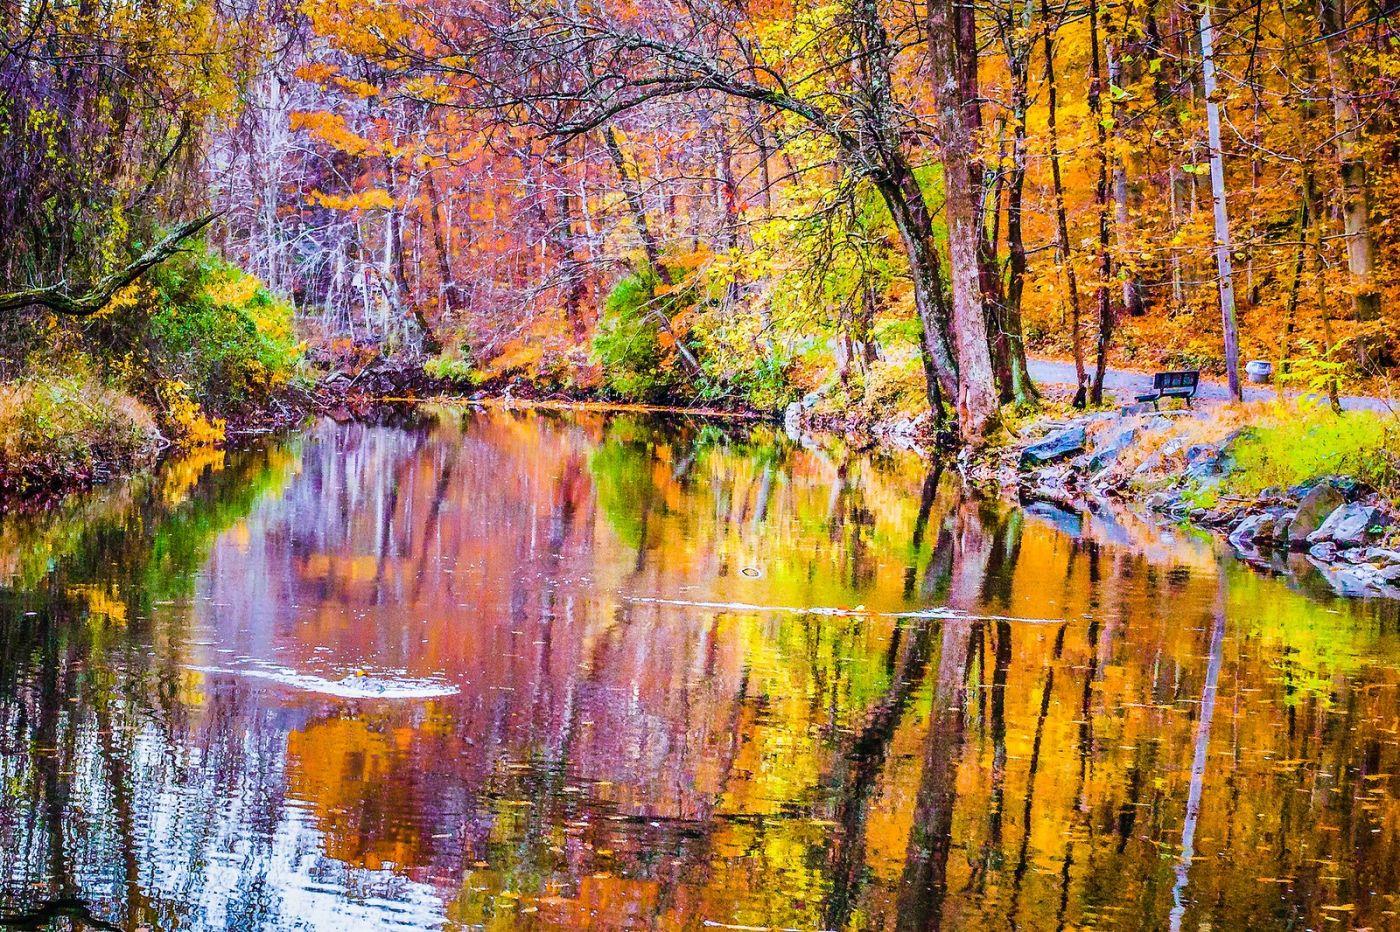 宾州雷德利克里克公园(Ridley creek park),如梦的画面_图1-29